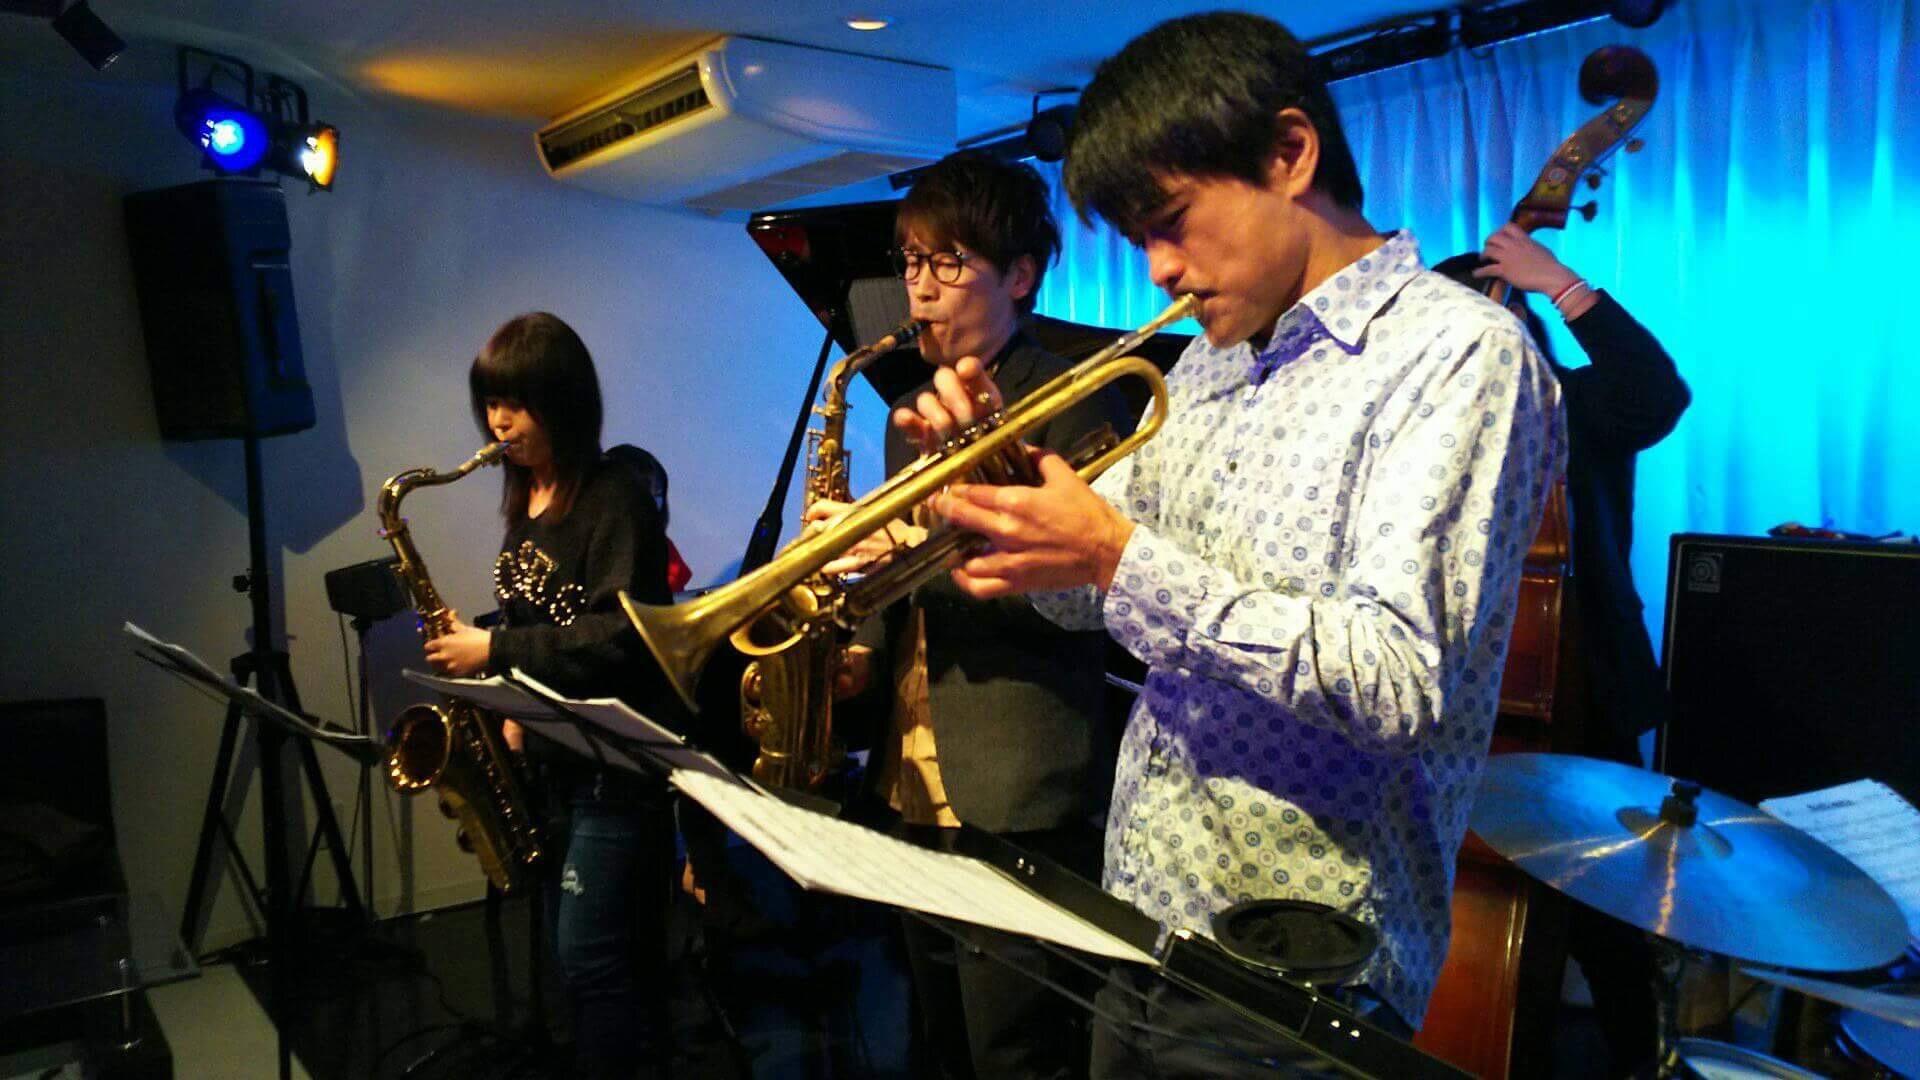 Jazzlive comin 広島  営業は2018 1月5日からです。_b0115606_14331127.jpeg